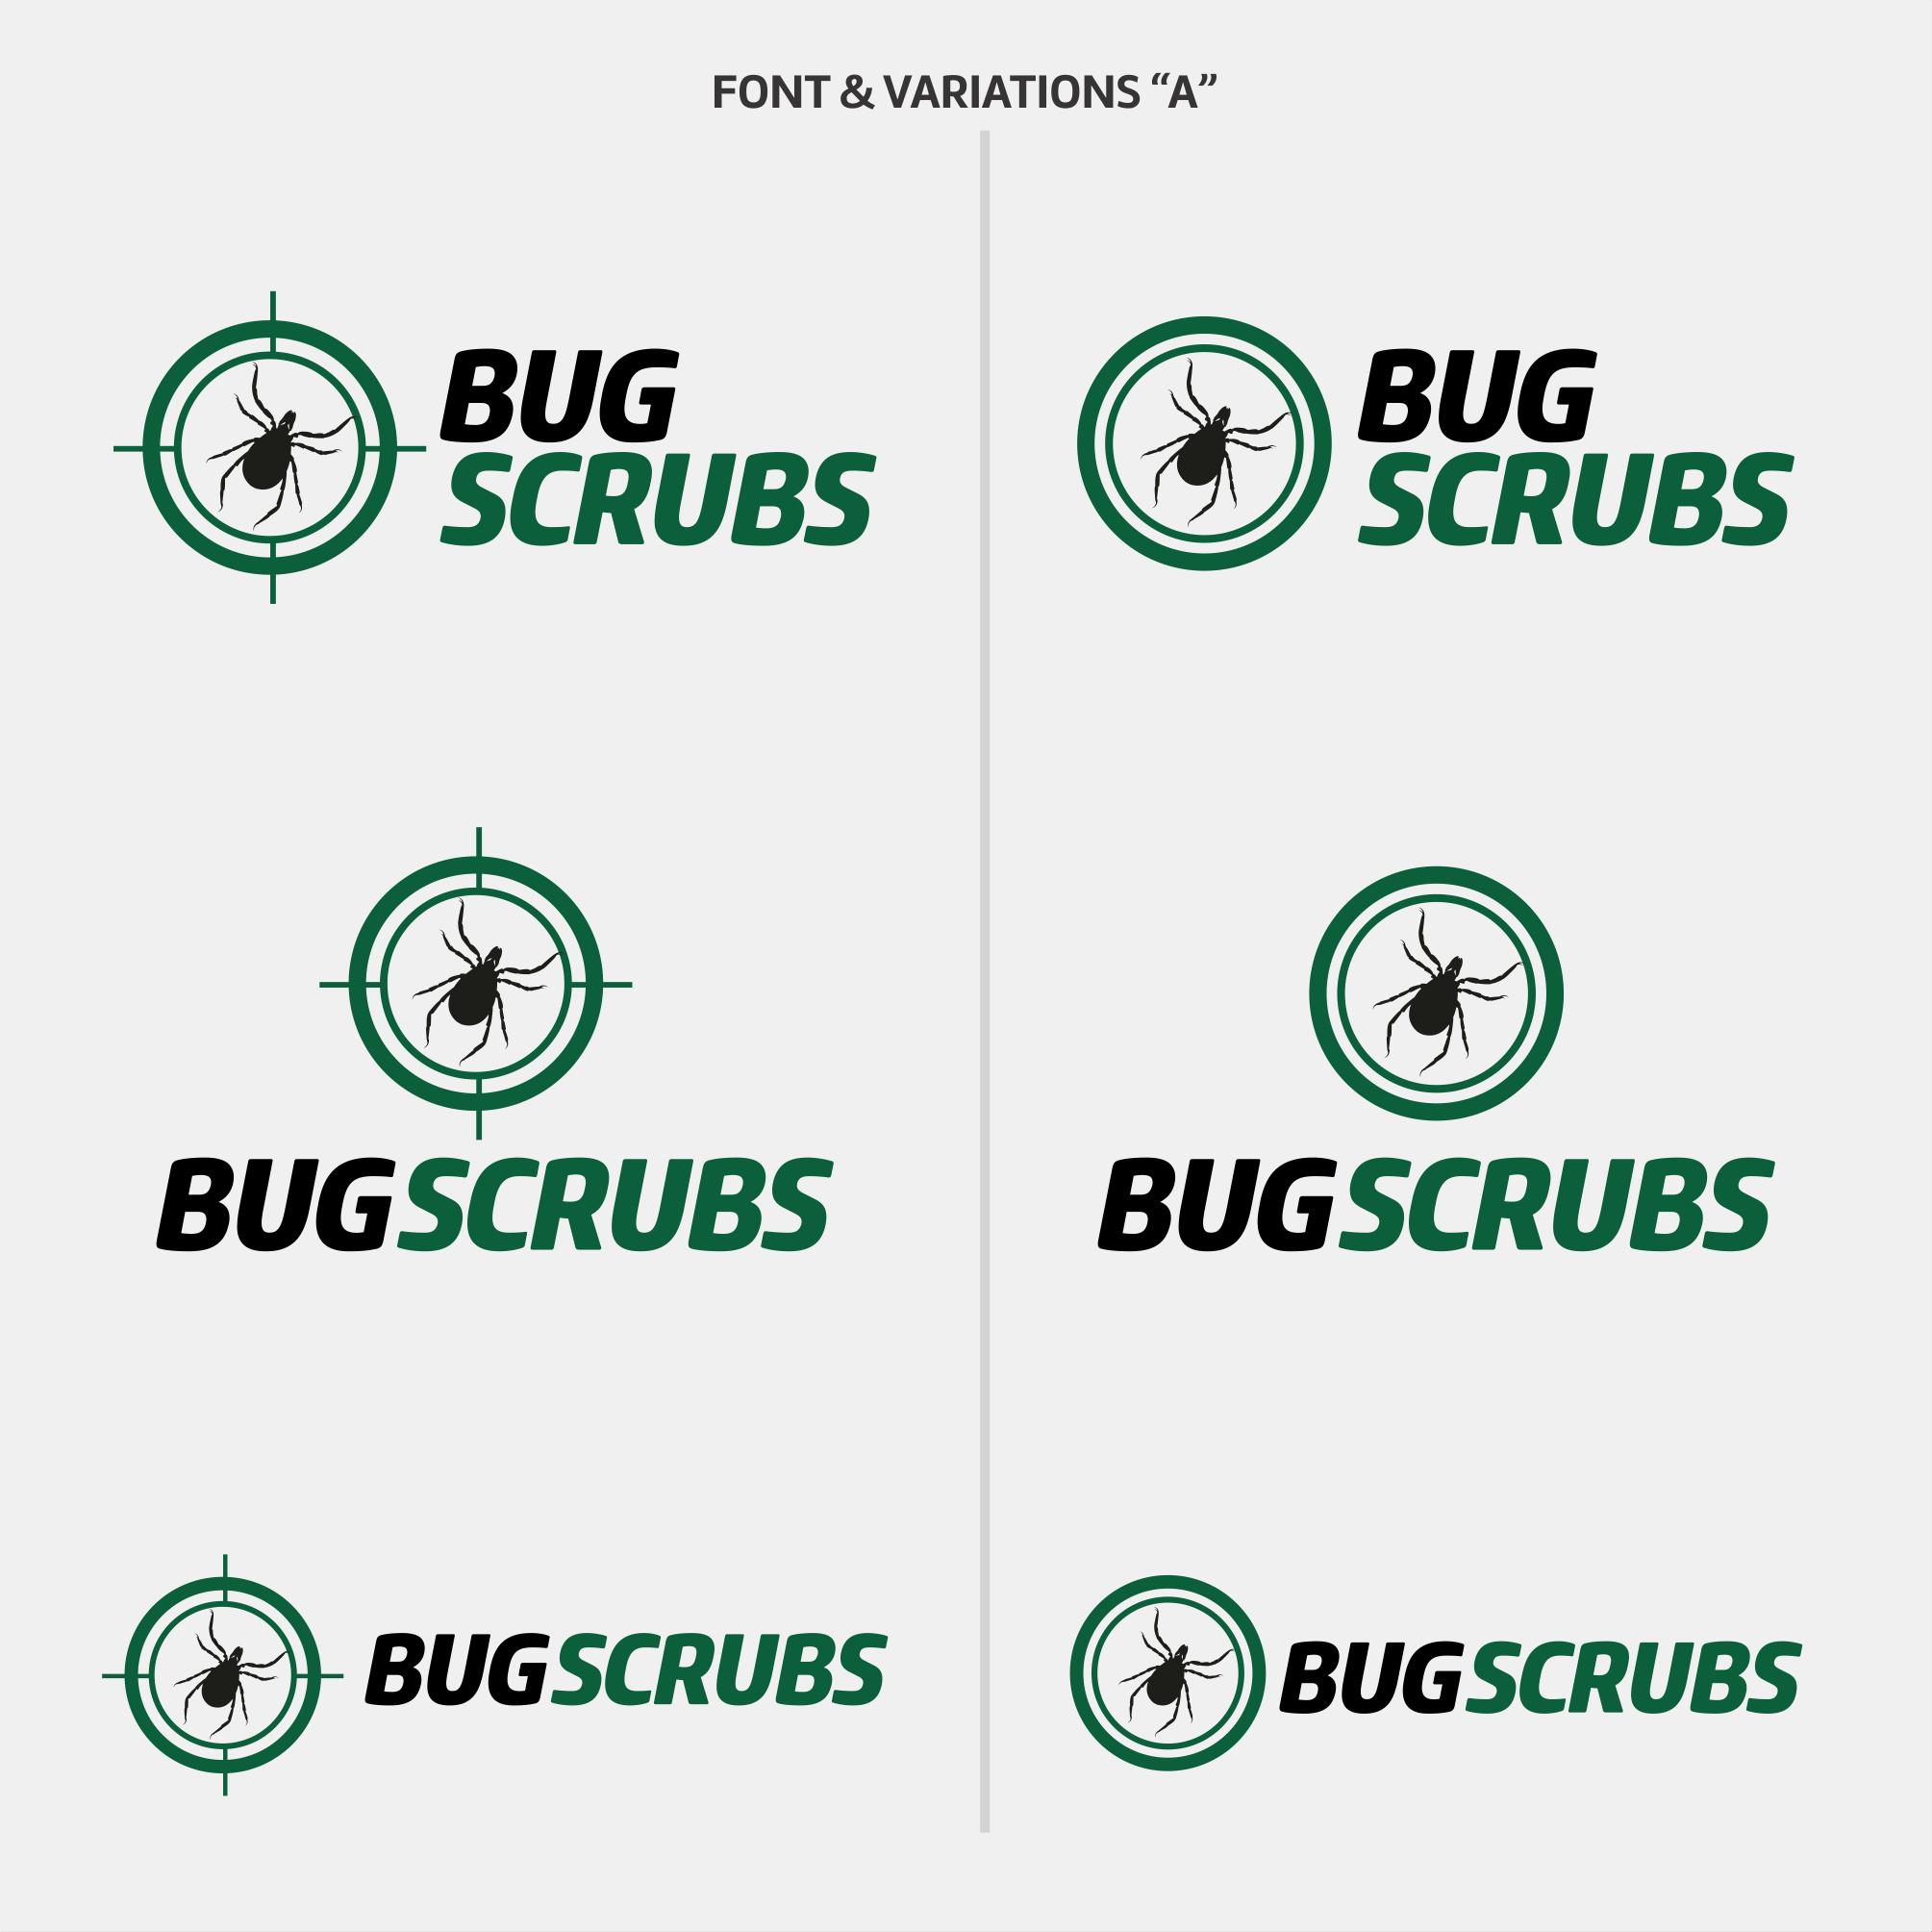 Original Logo for Bug Scrubs brand